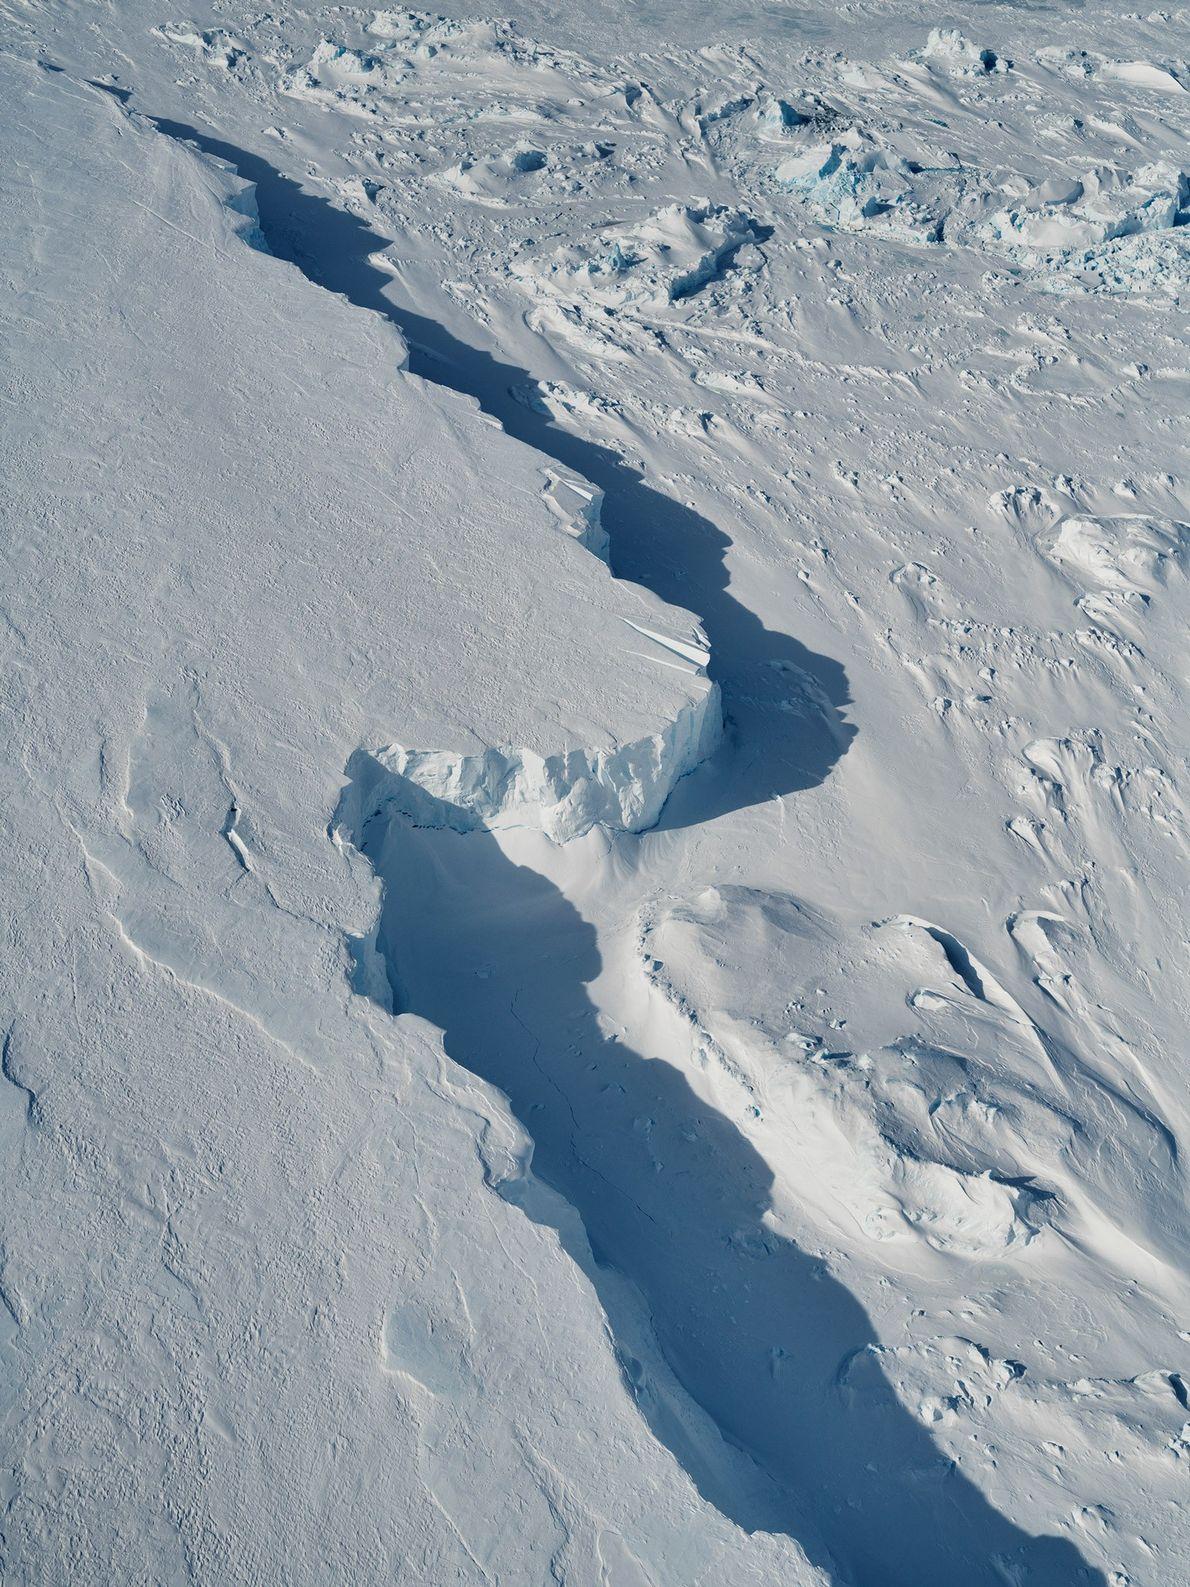 Los rayos de la luz polar y los altos acantilados en los bordes del iceberg forman ...